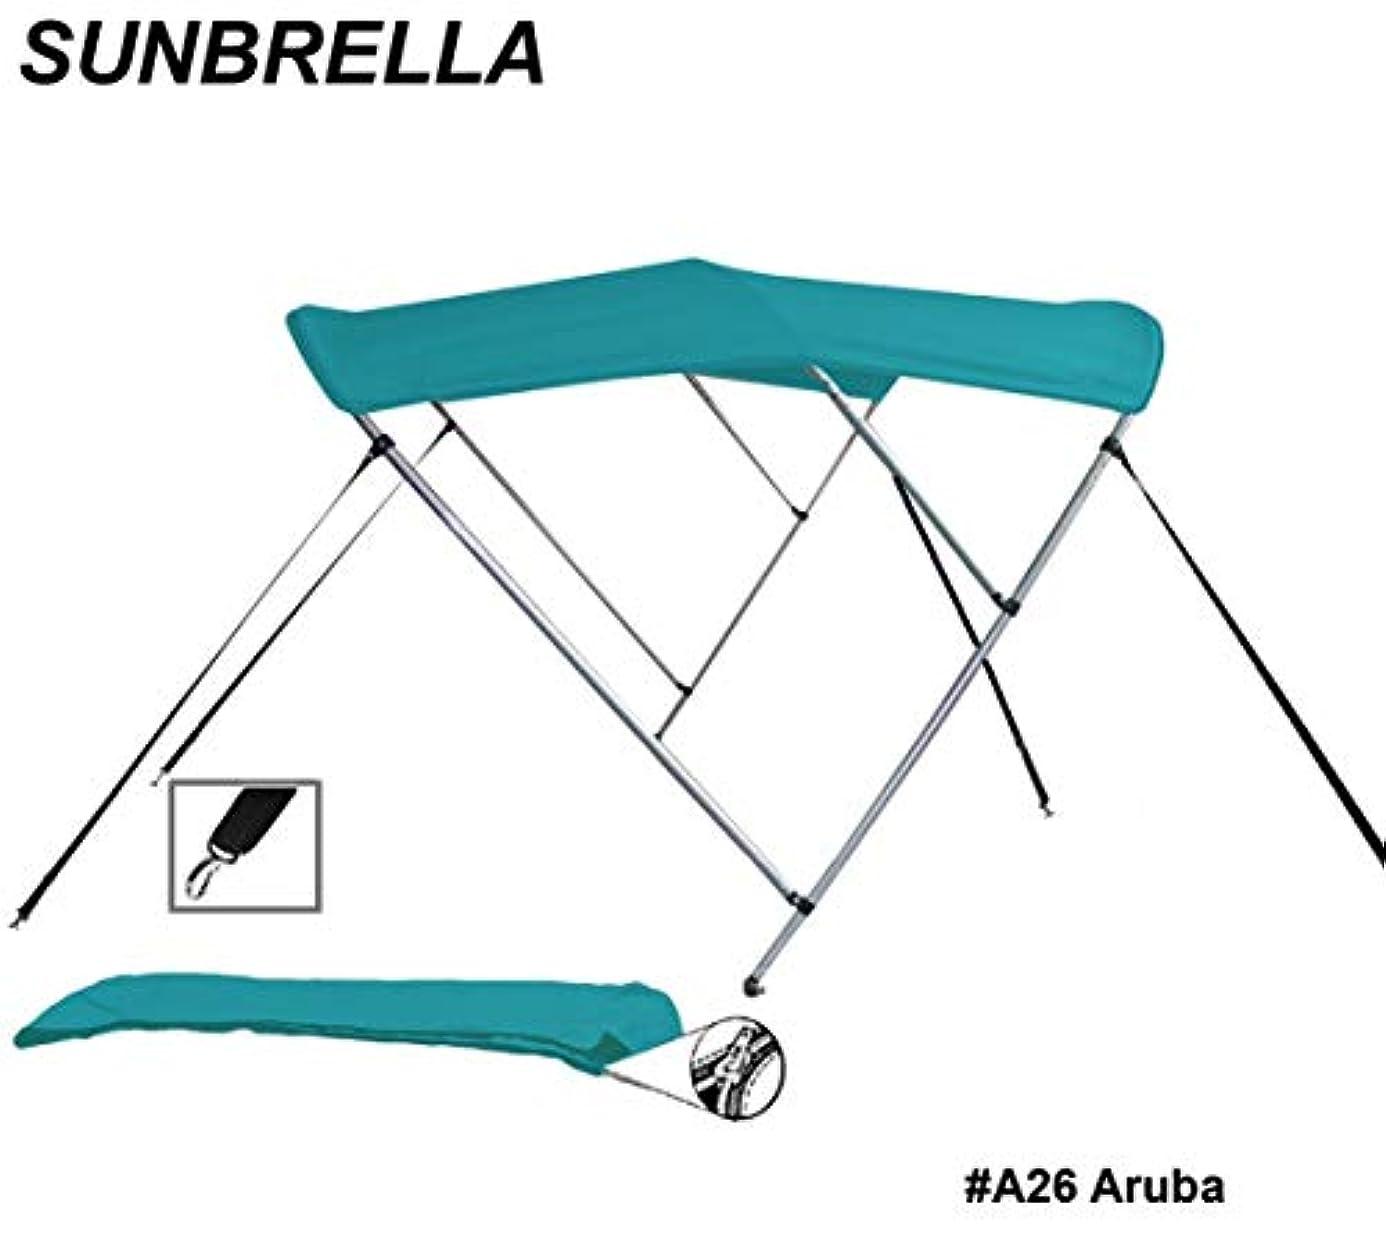 仮装領事館世界ラウンドチューブ 3ボウ ボート ビミニトップ サンシェード トップ 幅73インチ?78インチx高さ35インチ/30インチx長さ6フィート サンブレラ アクリルおよびアルミフレーム